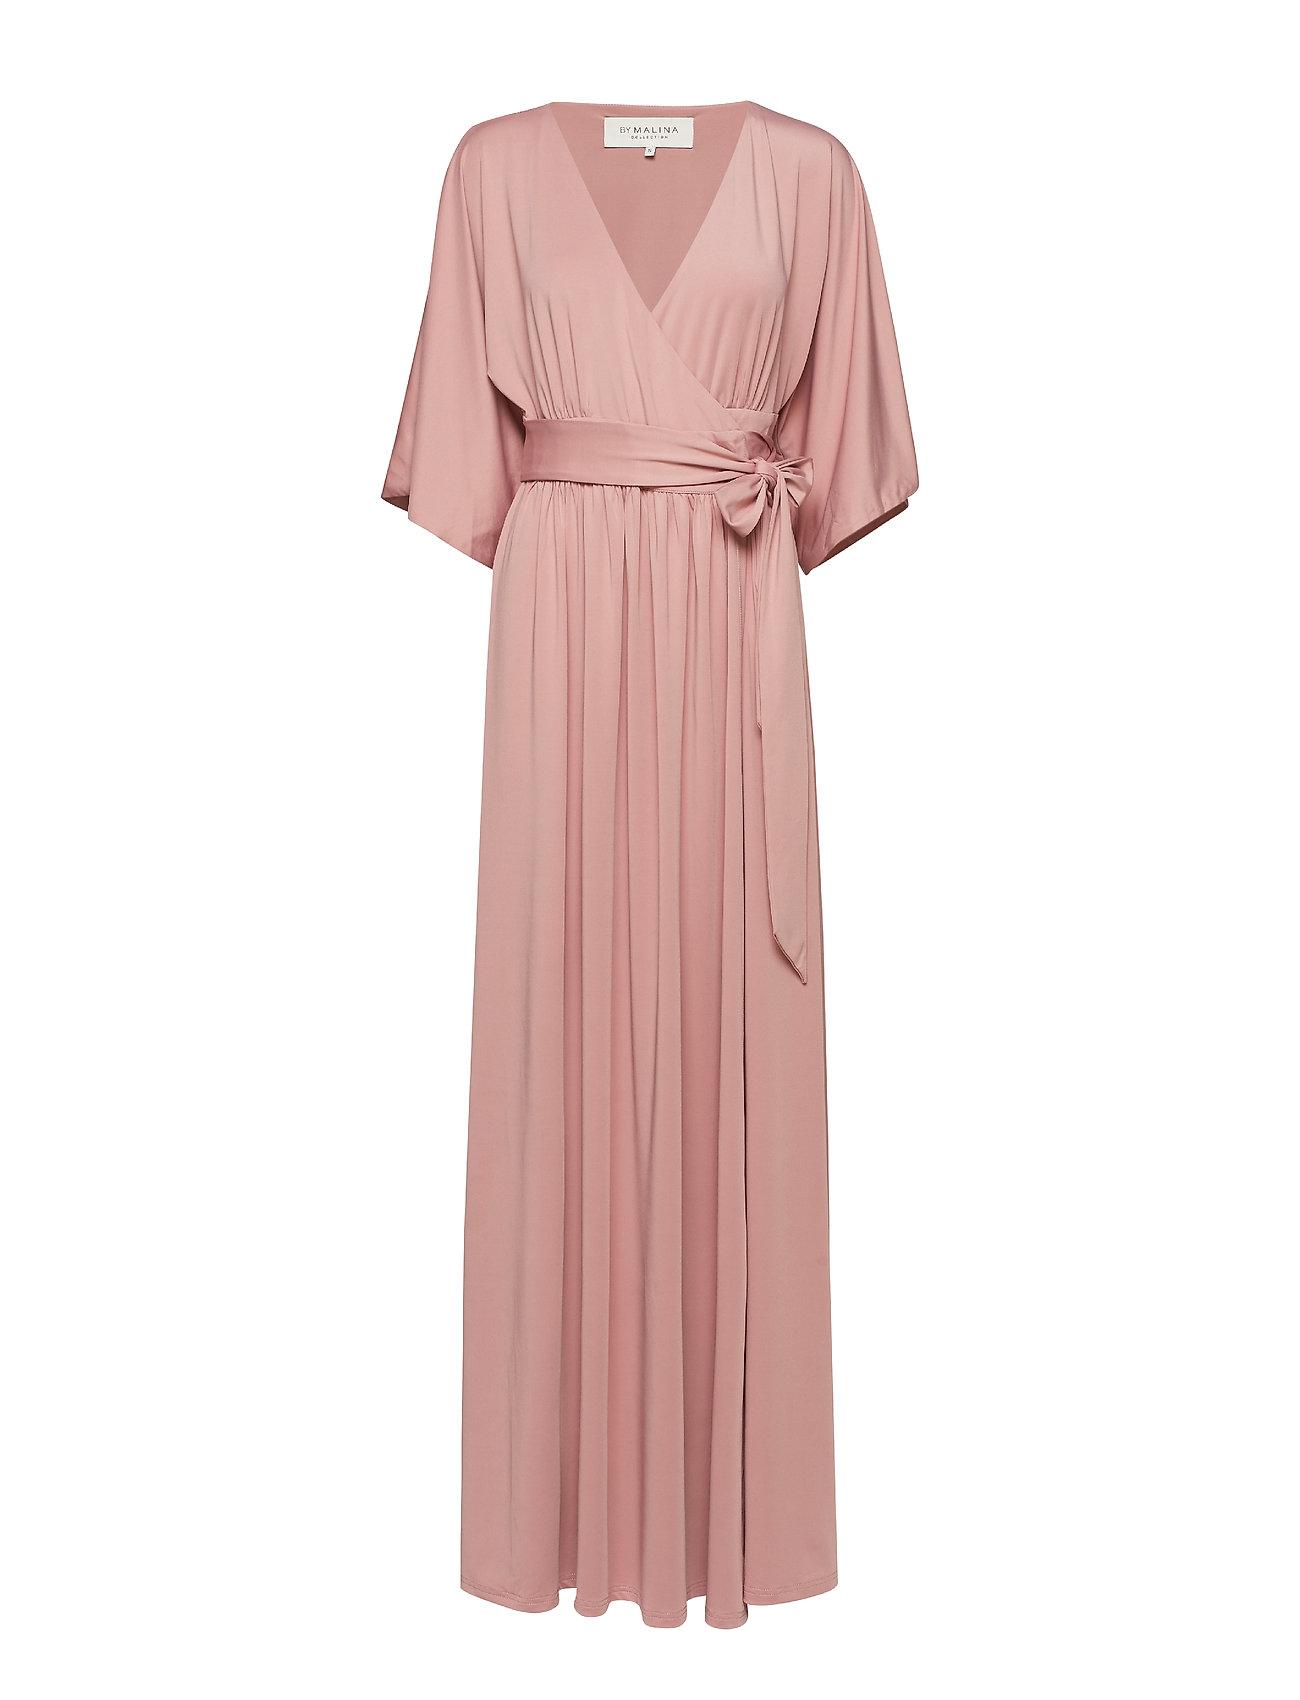 By Malina Evelynn dress - DUSTY PLUM